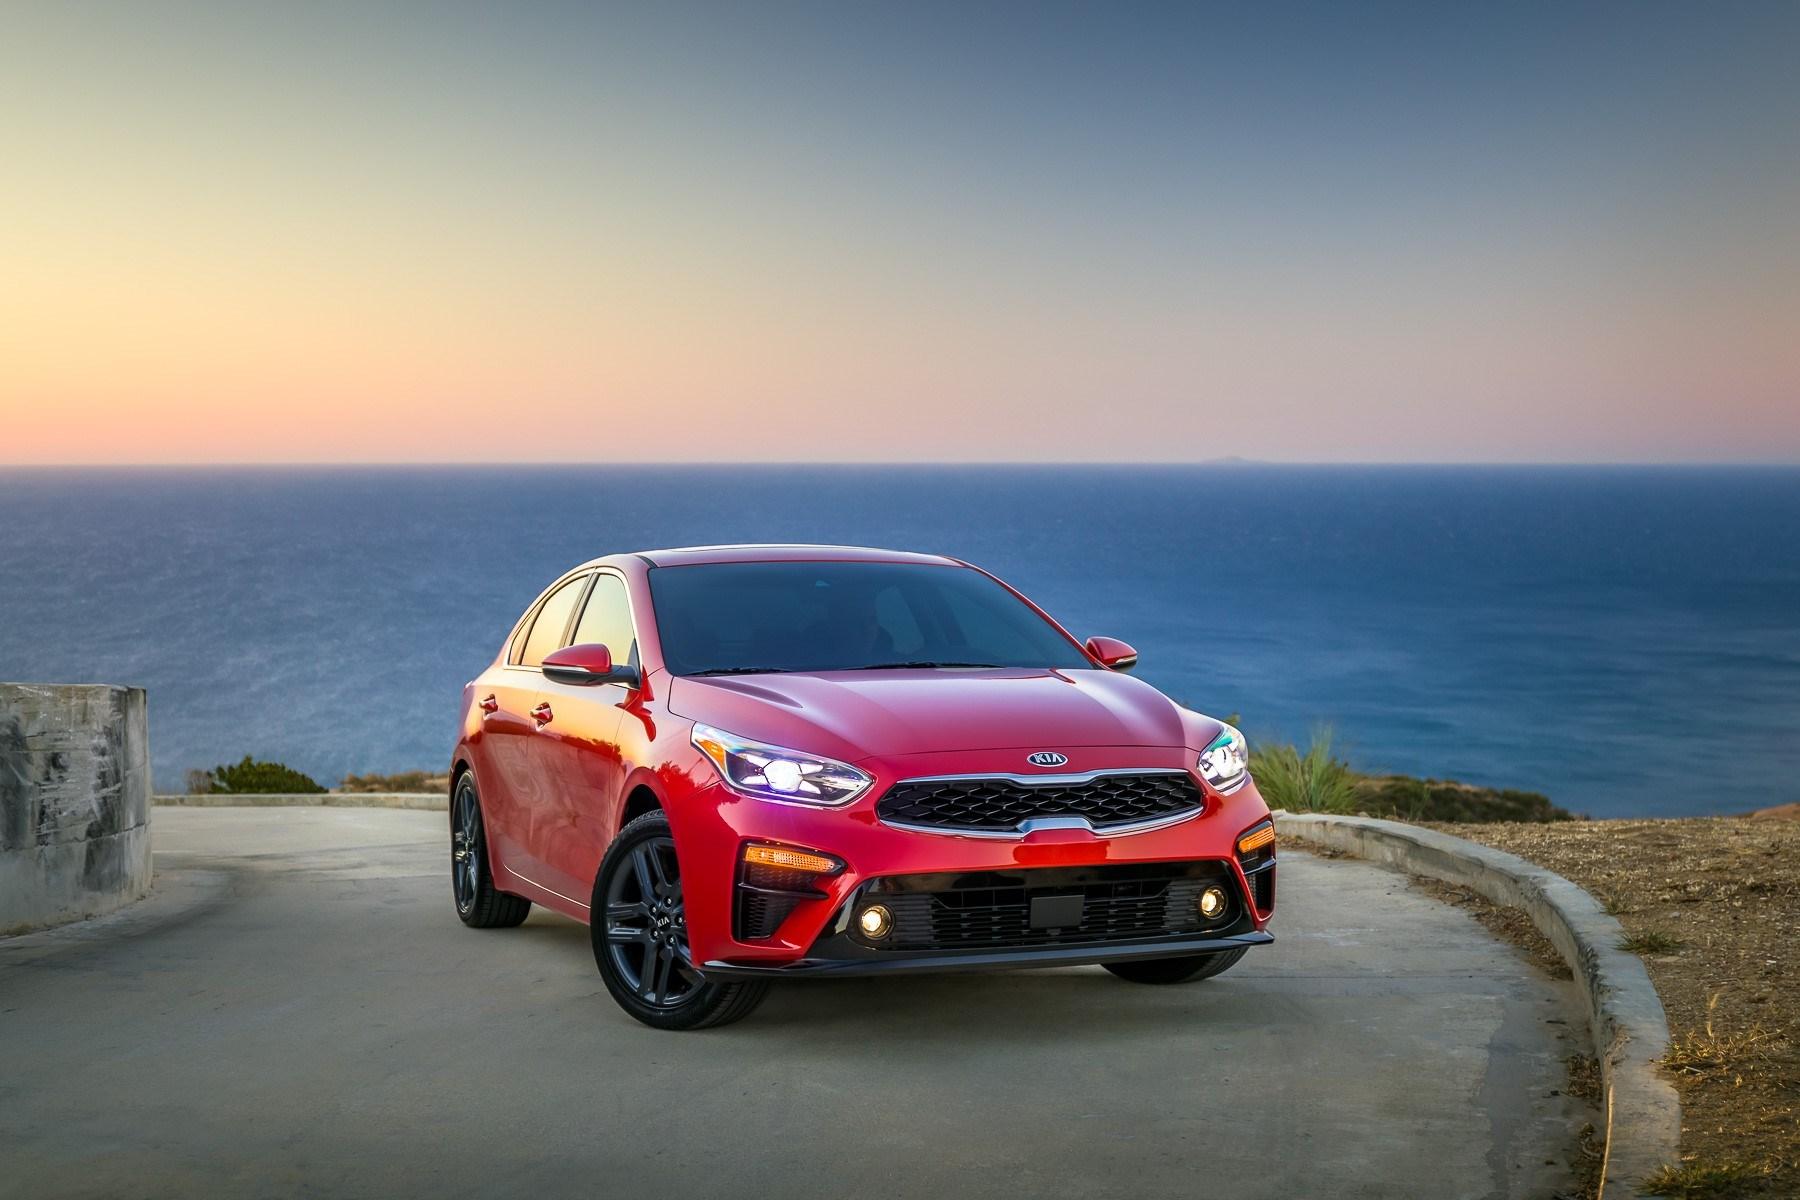 2019 Kia Forte Unveiled at NAIAS